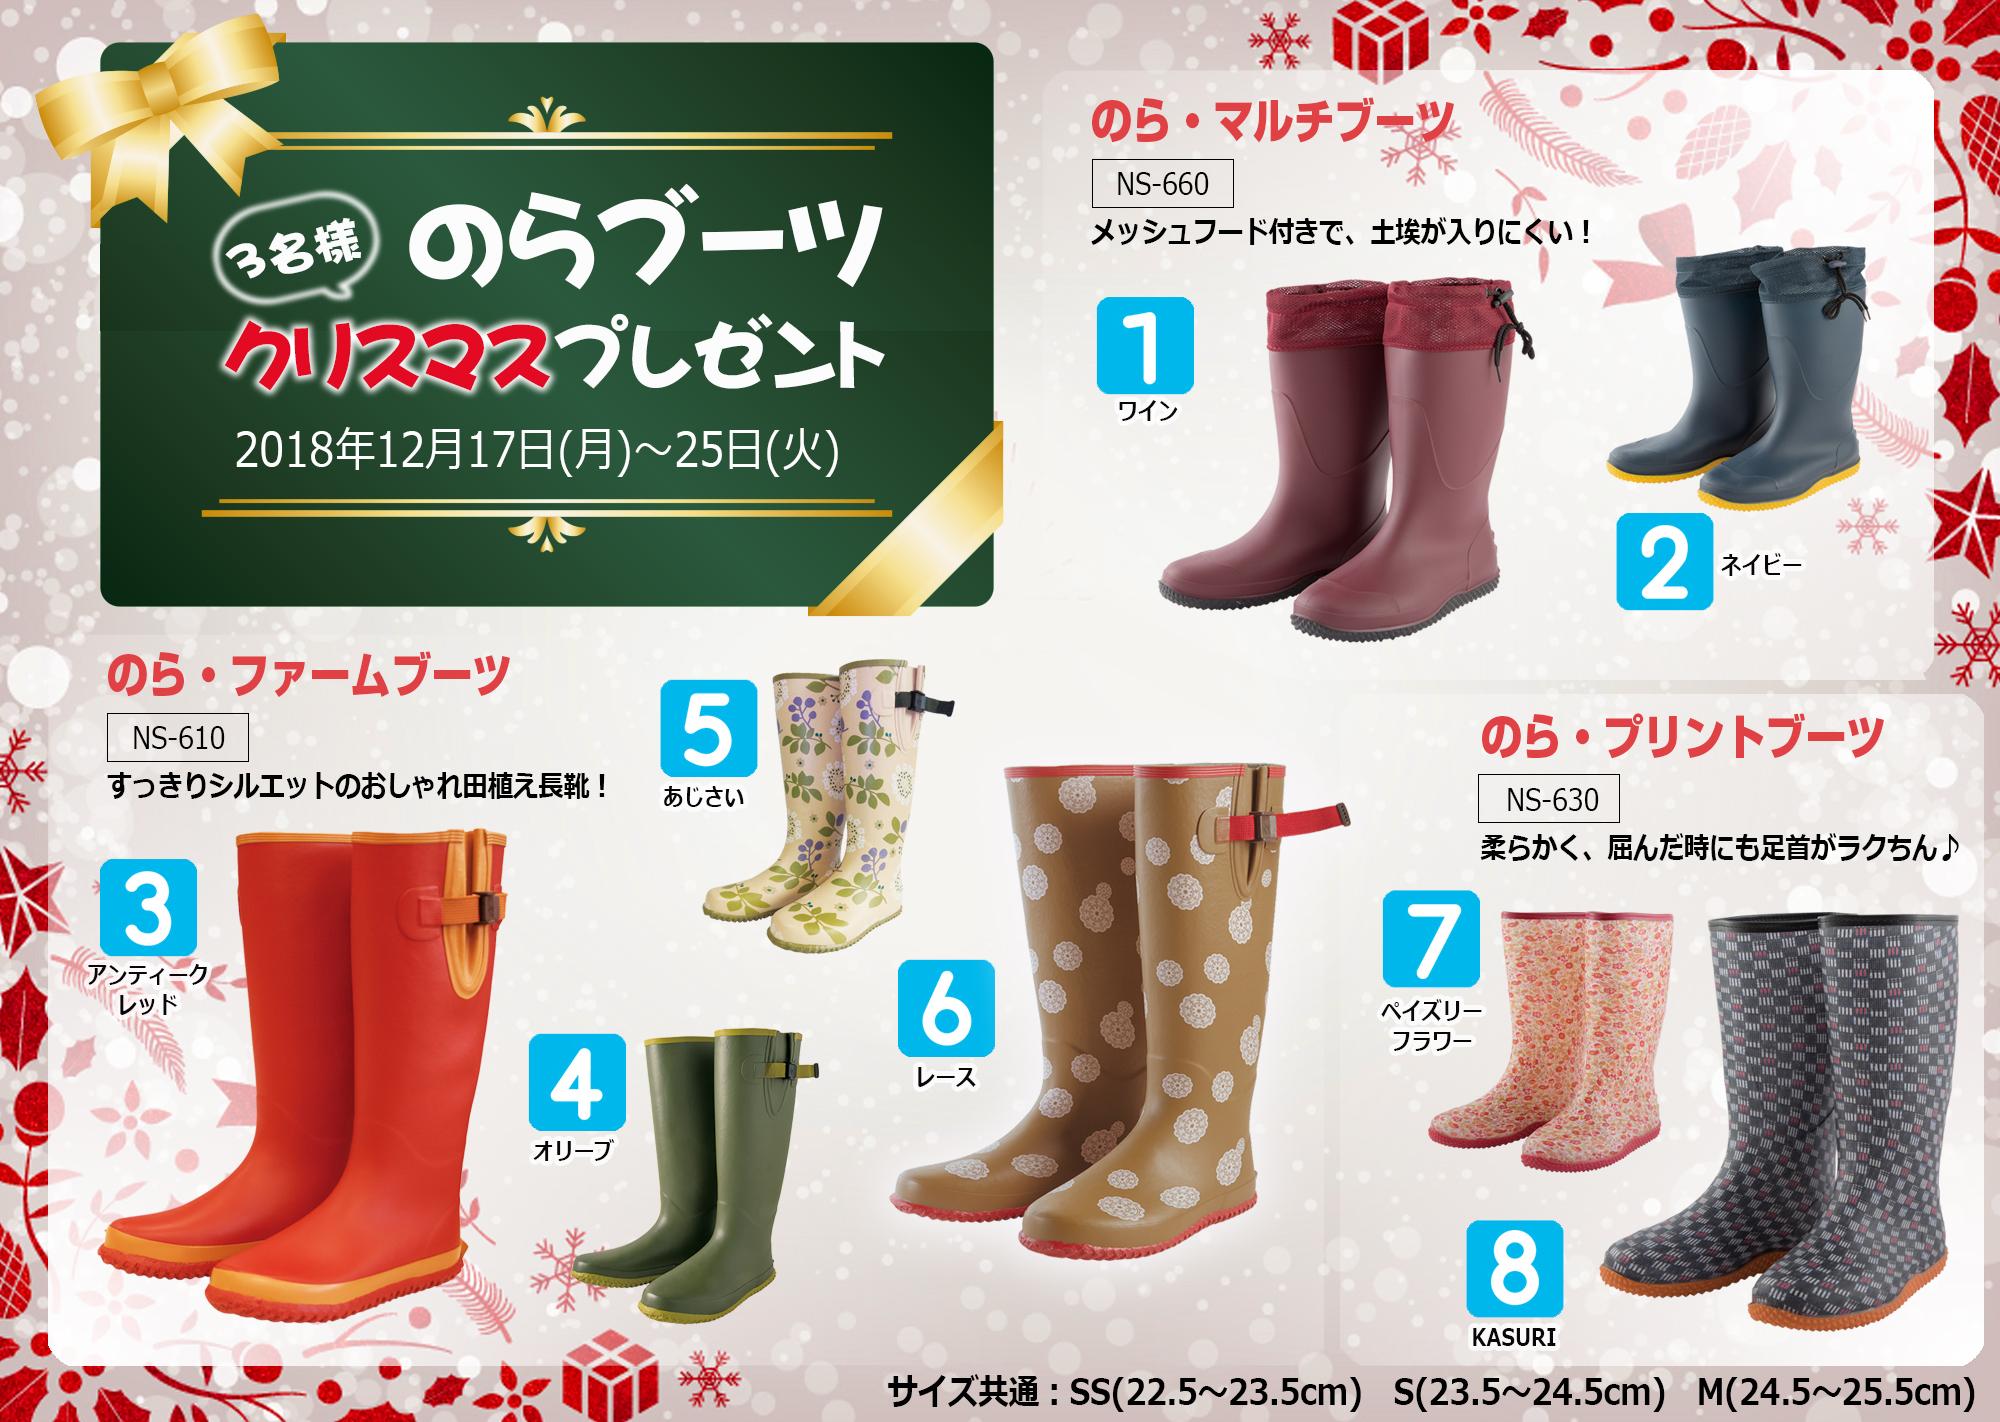 のらスタイル リツイートクリスマスプレゼント-キャンペーン のらブーツをプレゼント!